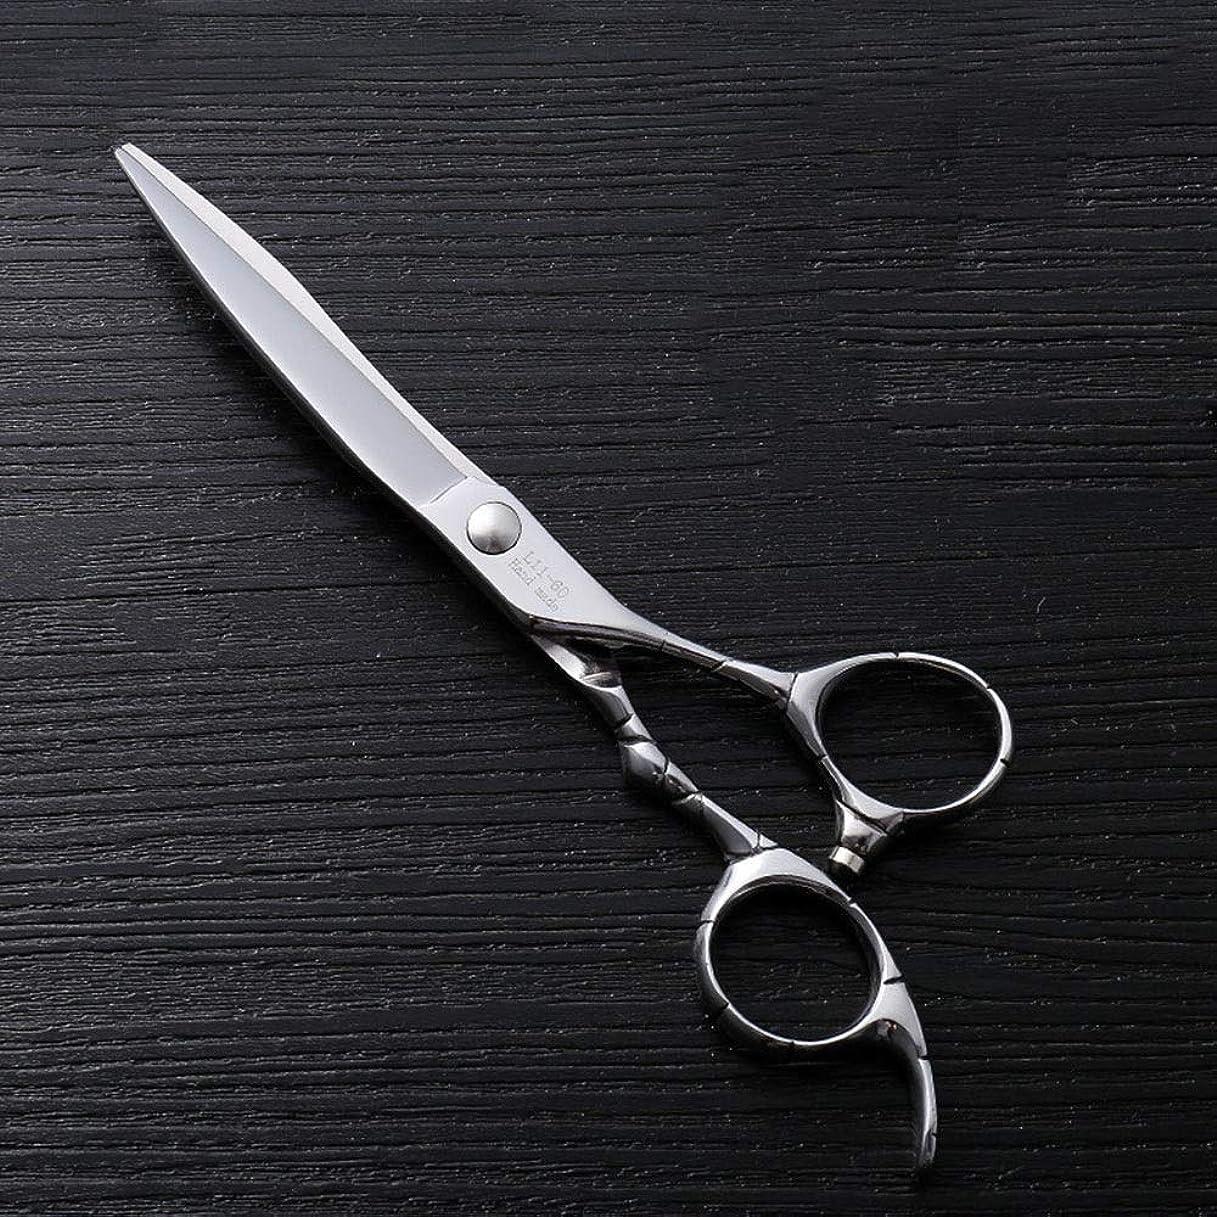 カットハサミ ヘアスタイリングツール 6インチファイントリムプロフェッショナルフラットシアハイエンドステンレスフラット理髪はさみ ヘアカットシザー (色 : Silver)